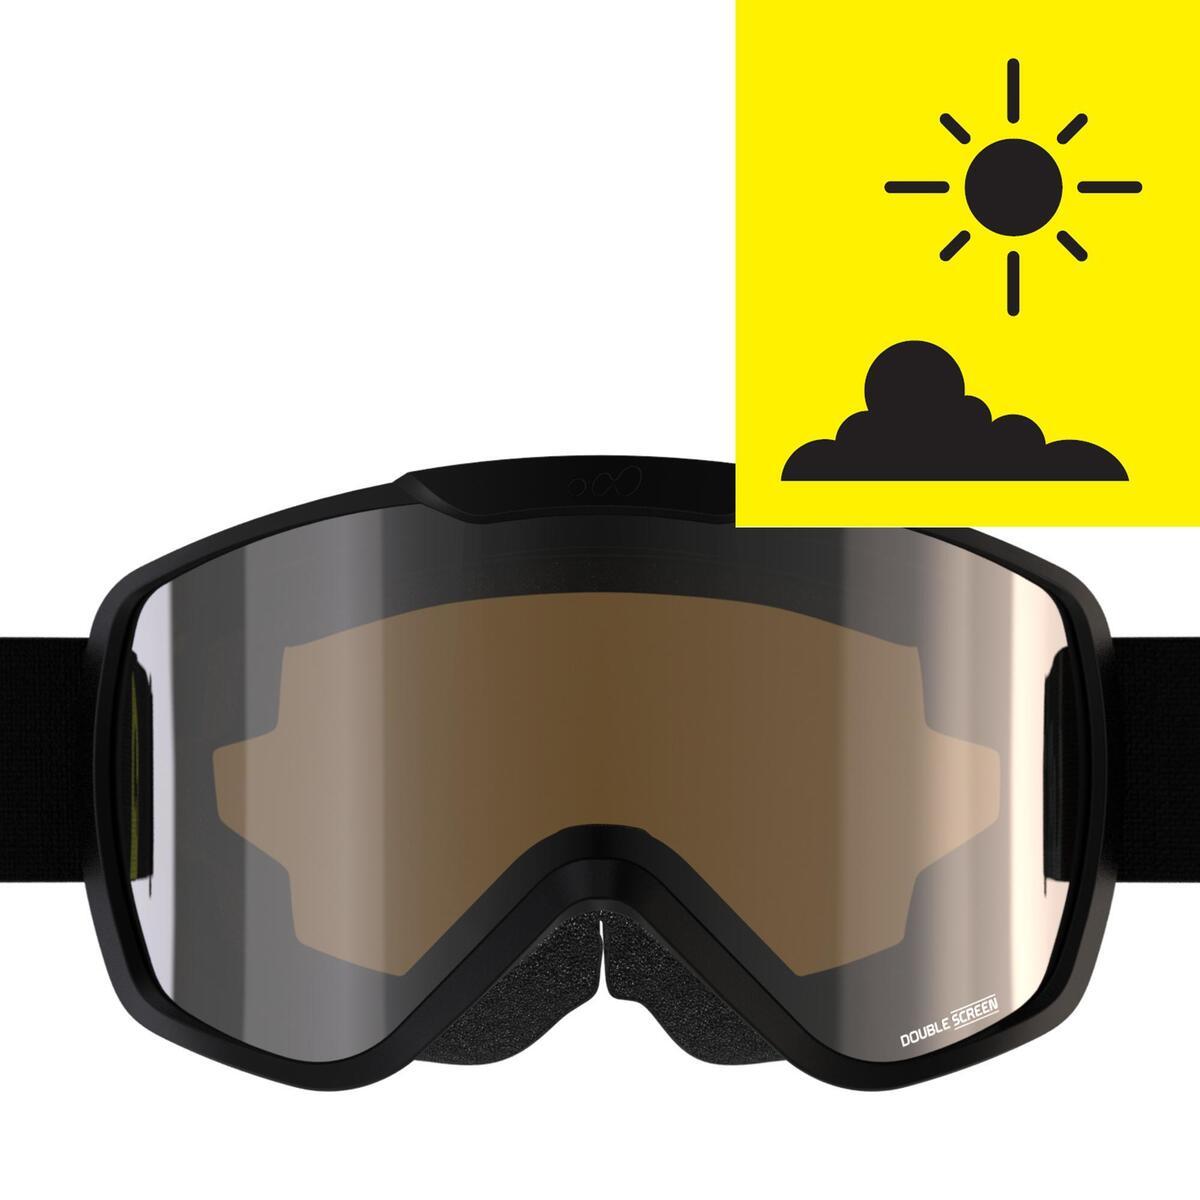 Bild 3 von Ski / Snowboardbrille G 500 S3 Erwachsene/Kinder Schönwetter schwarz